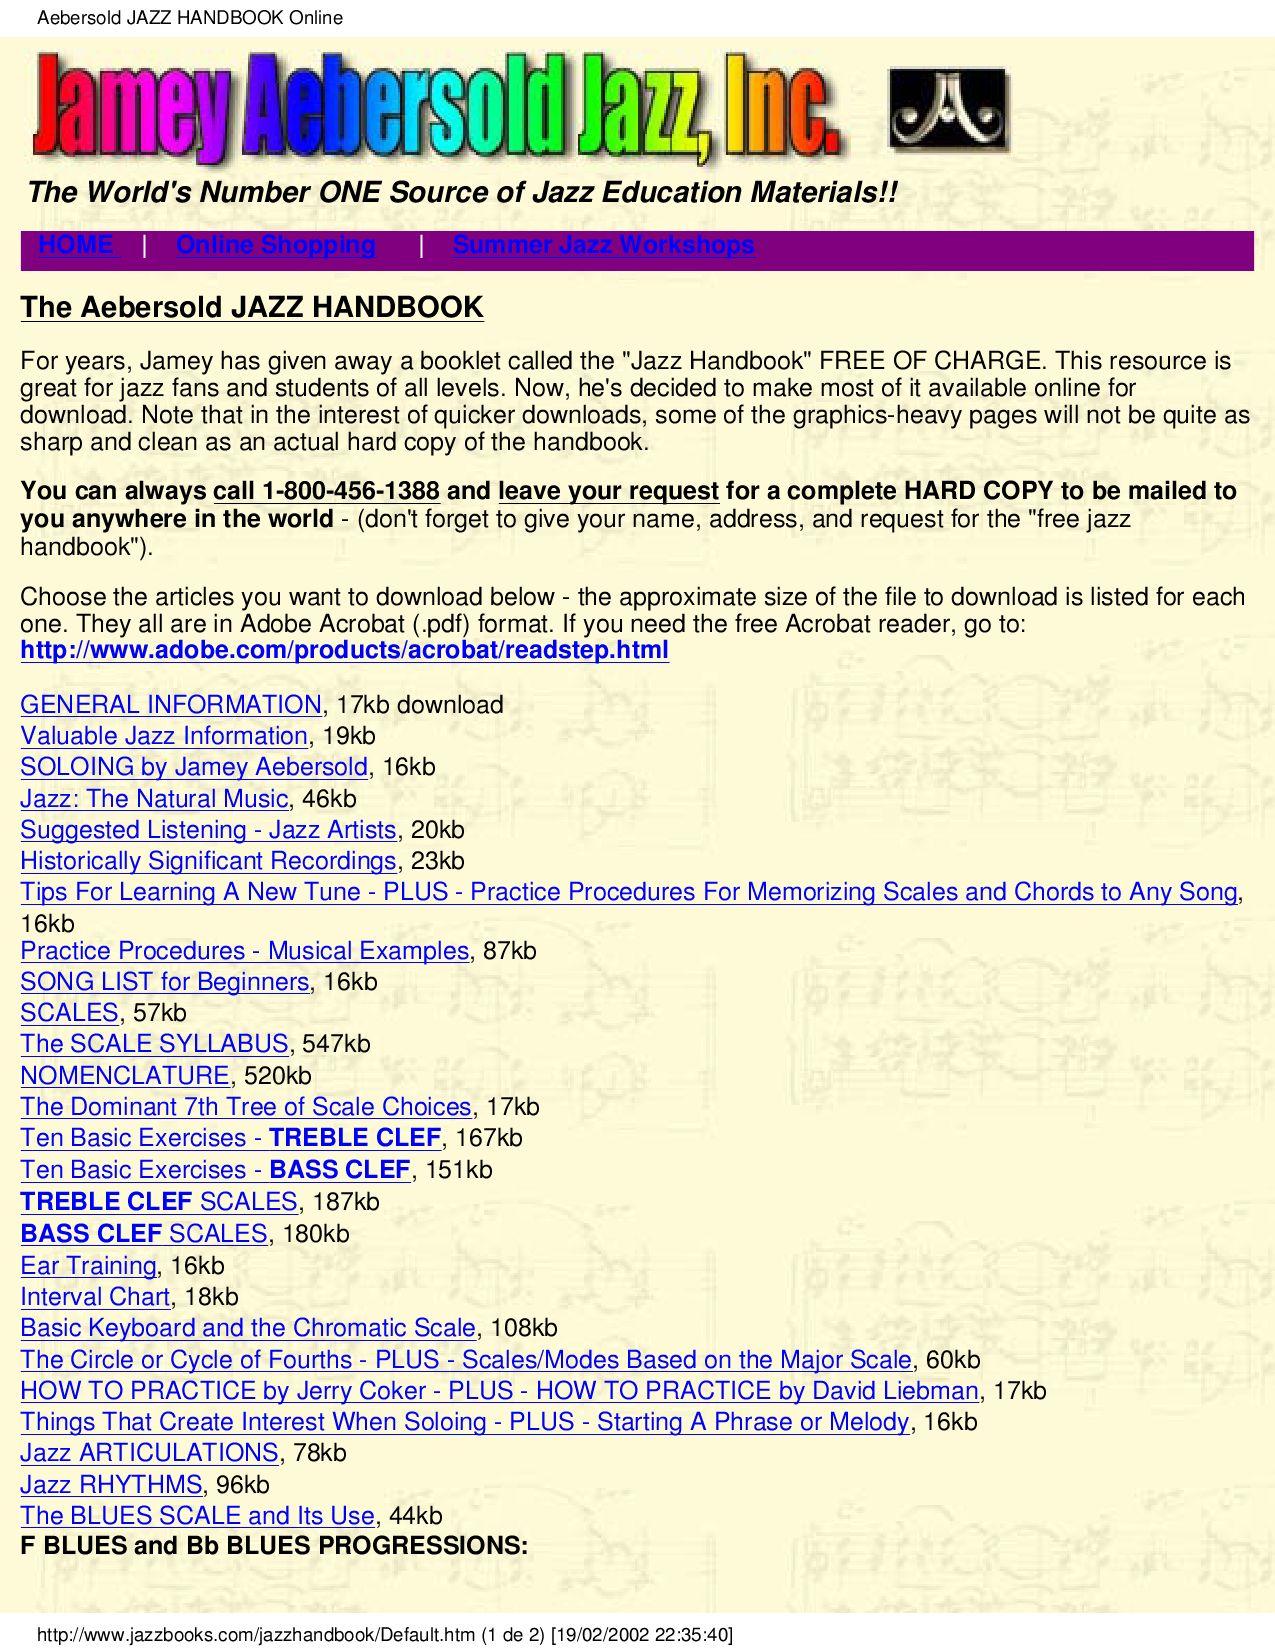 THE JAZZ HANDBOOK by Biblioteca Musical - issuu